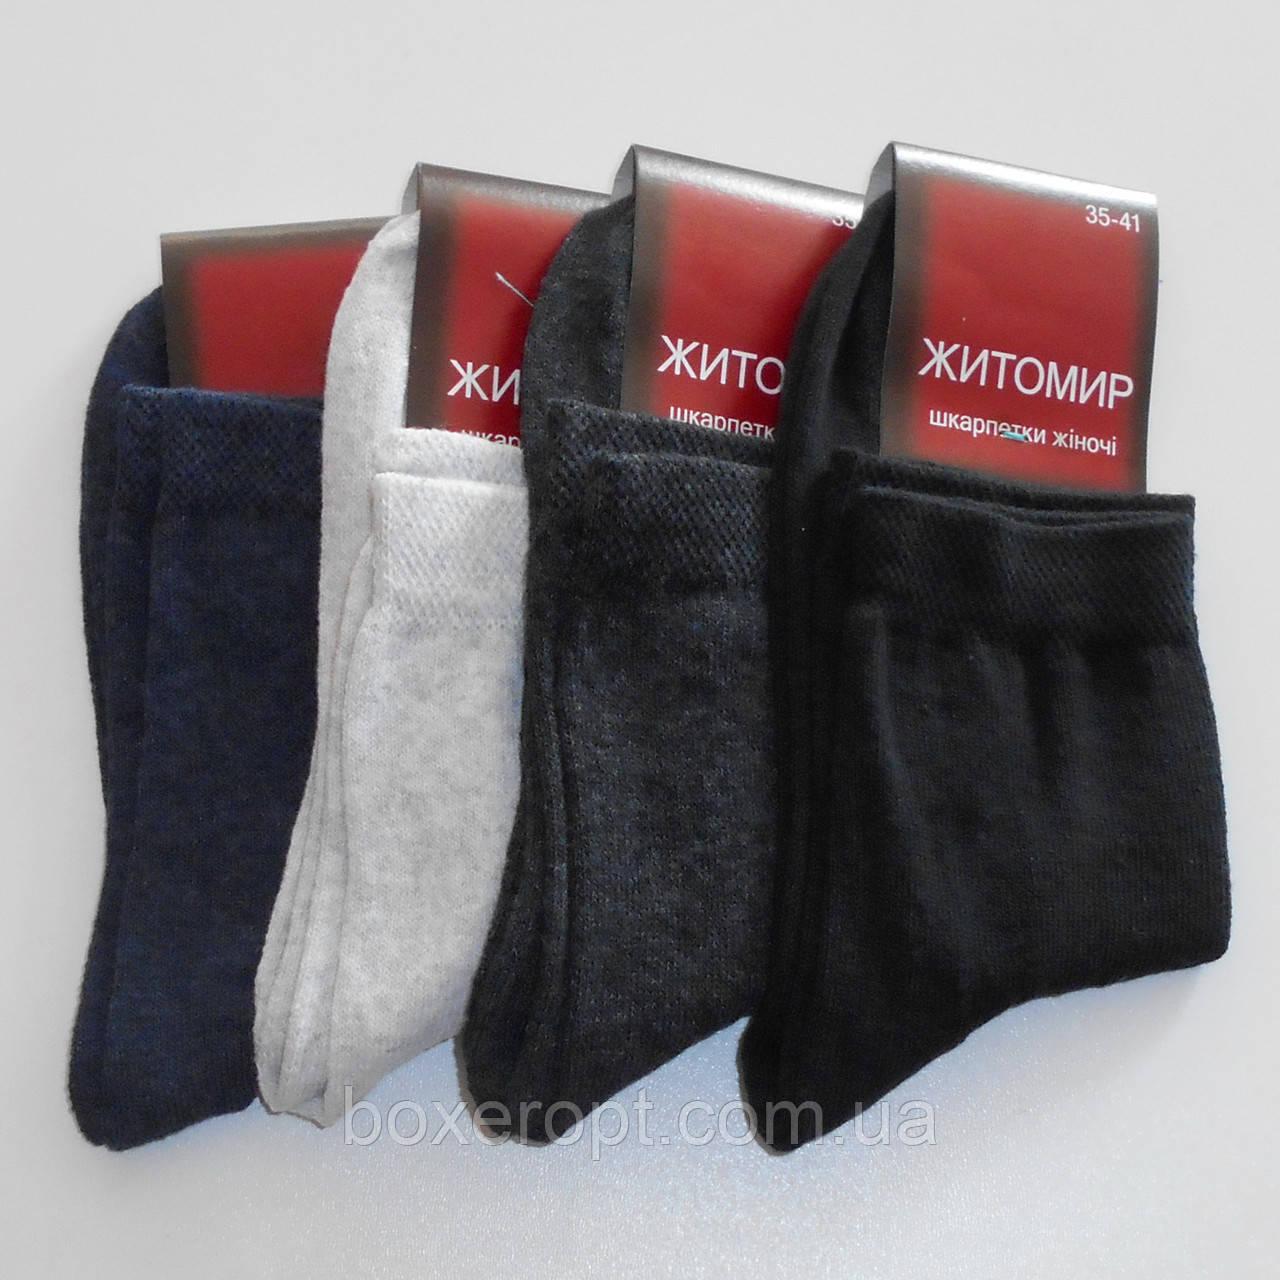 Женские носки Житомир - 5.50 грн./пара (ассорти, высокие)